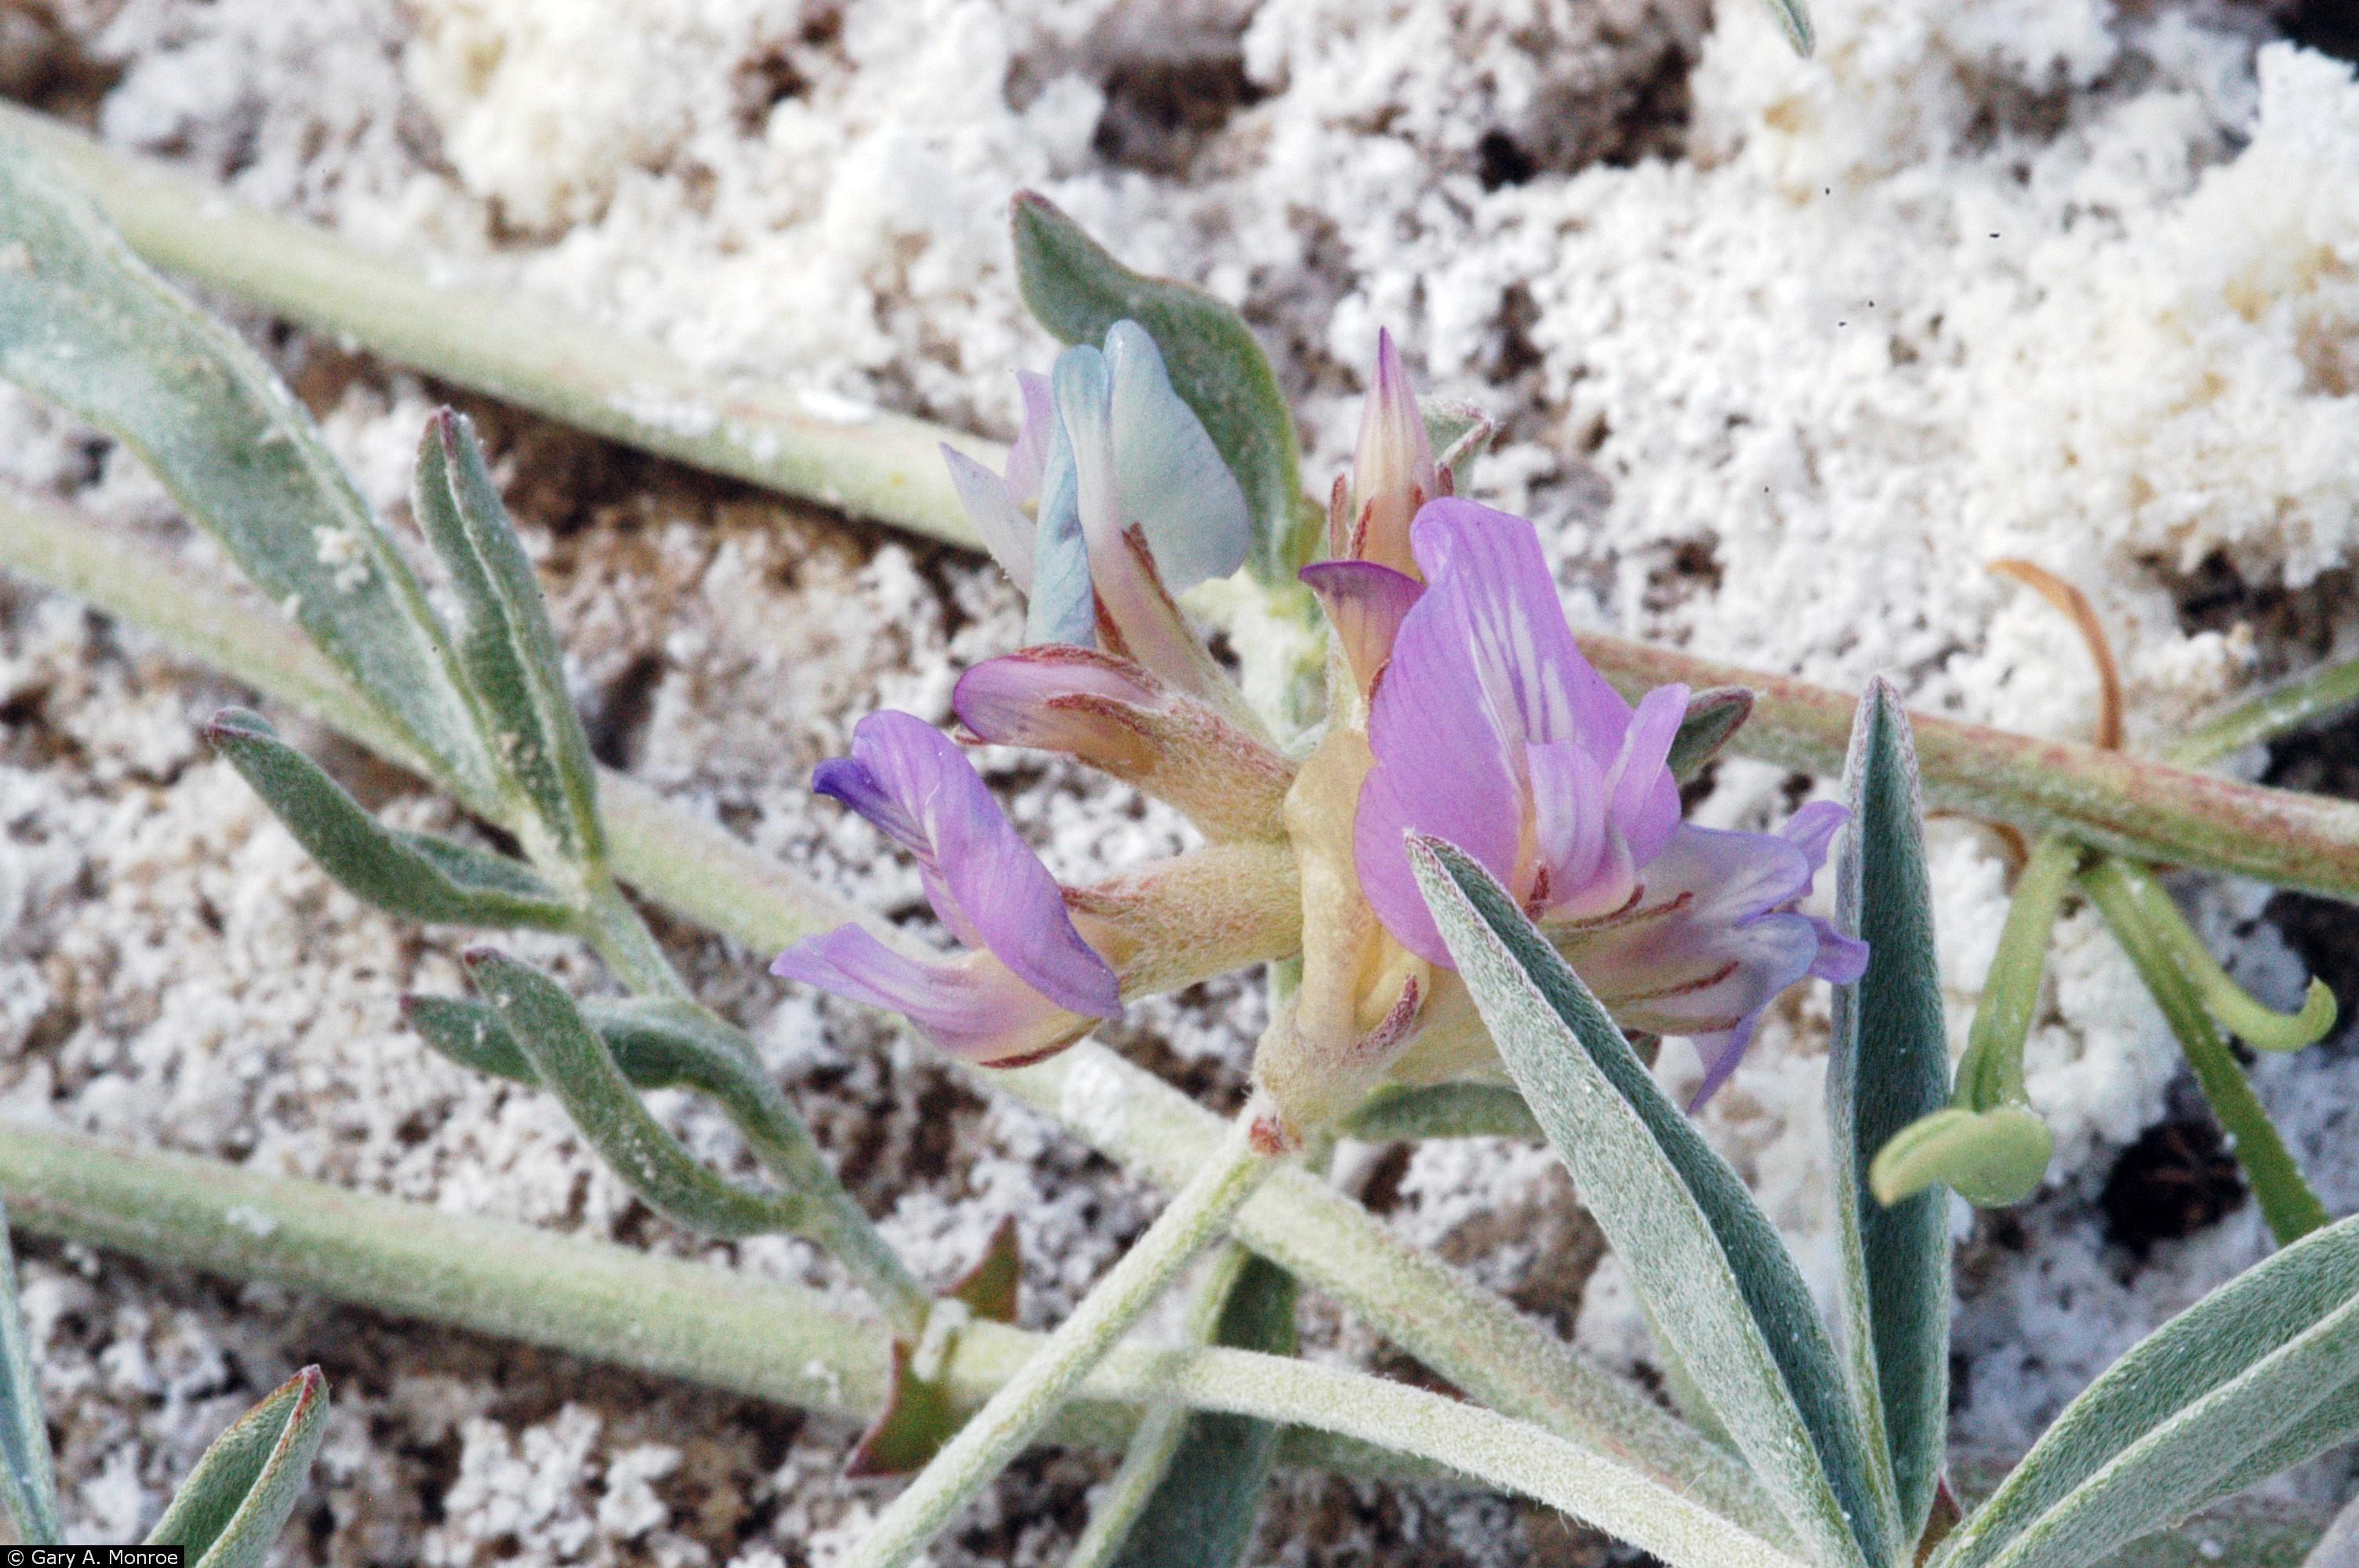 astragalus lentiginosus var piscinensis